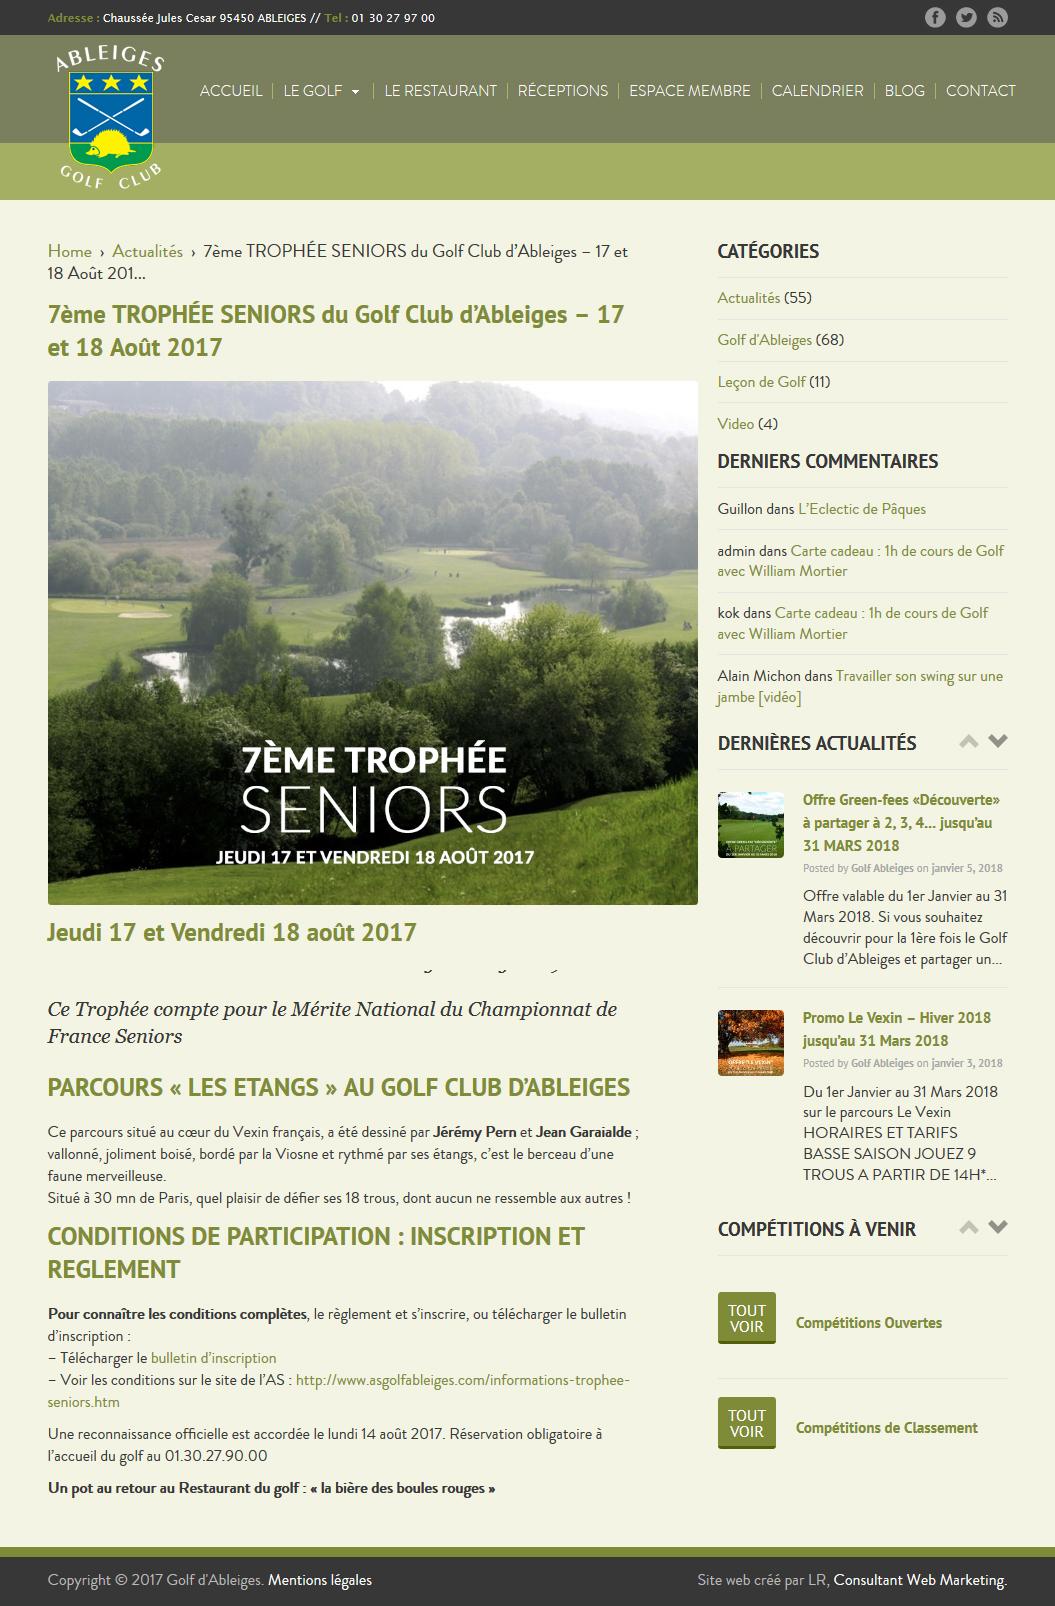 golf d'ableiges blog